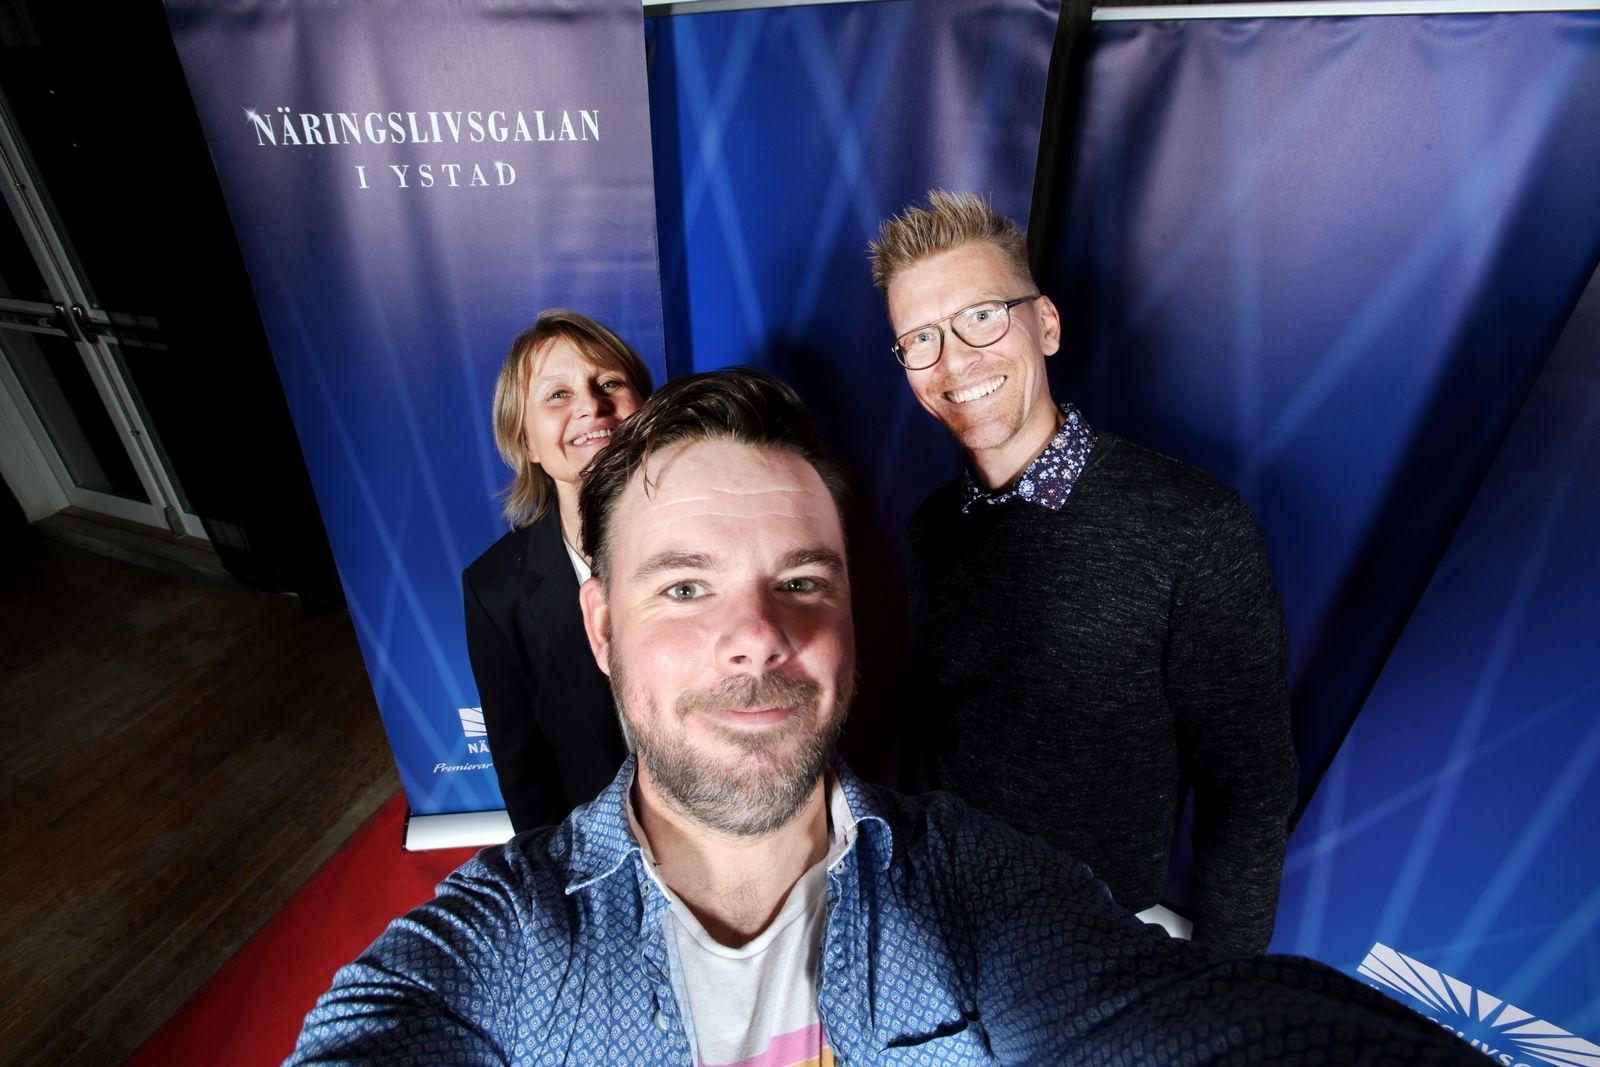 YA:s team på plats. Cecilia Billgren, Mårten Svemark, Carl Johan Engvall